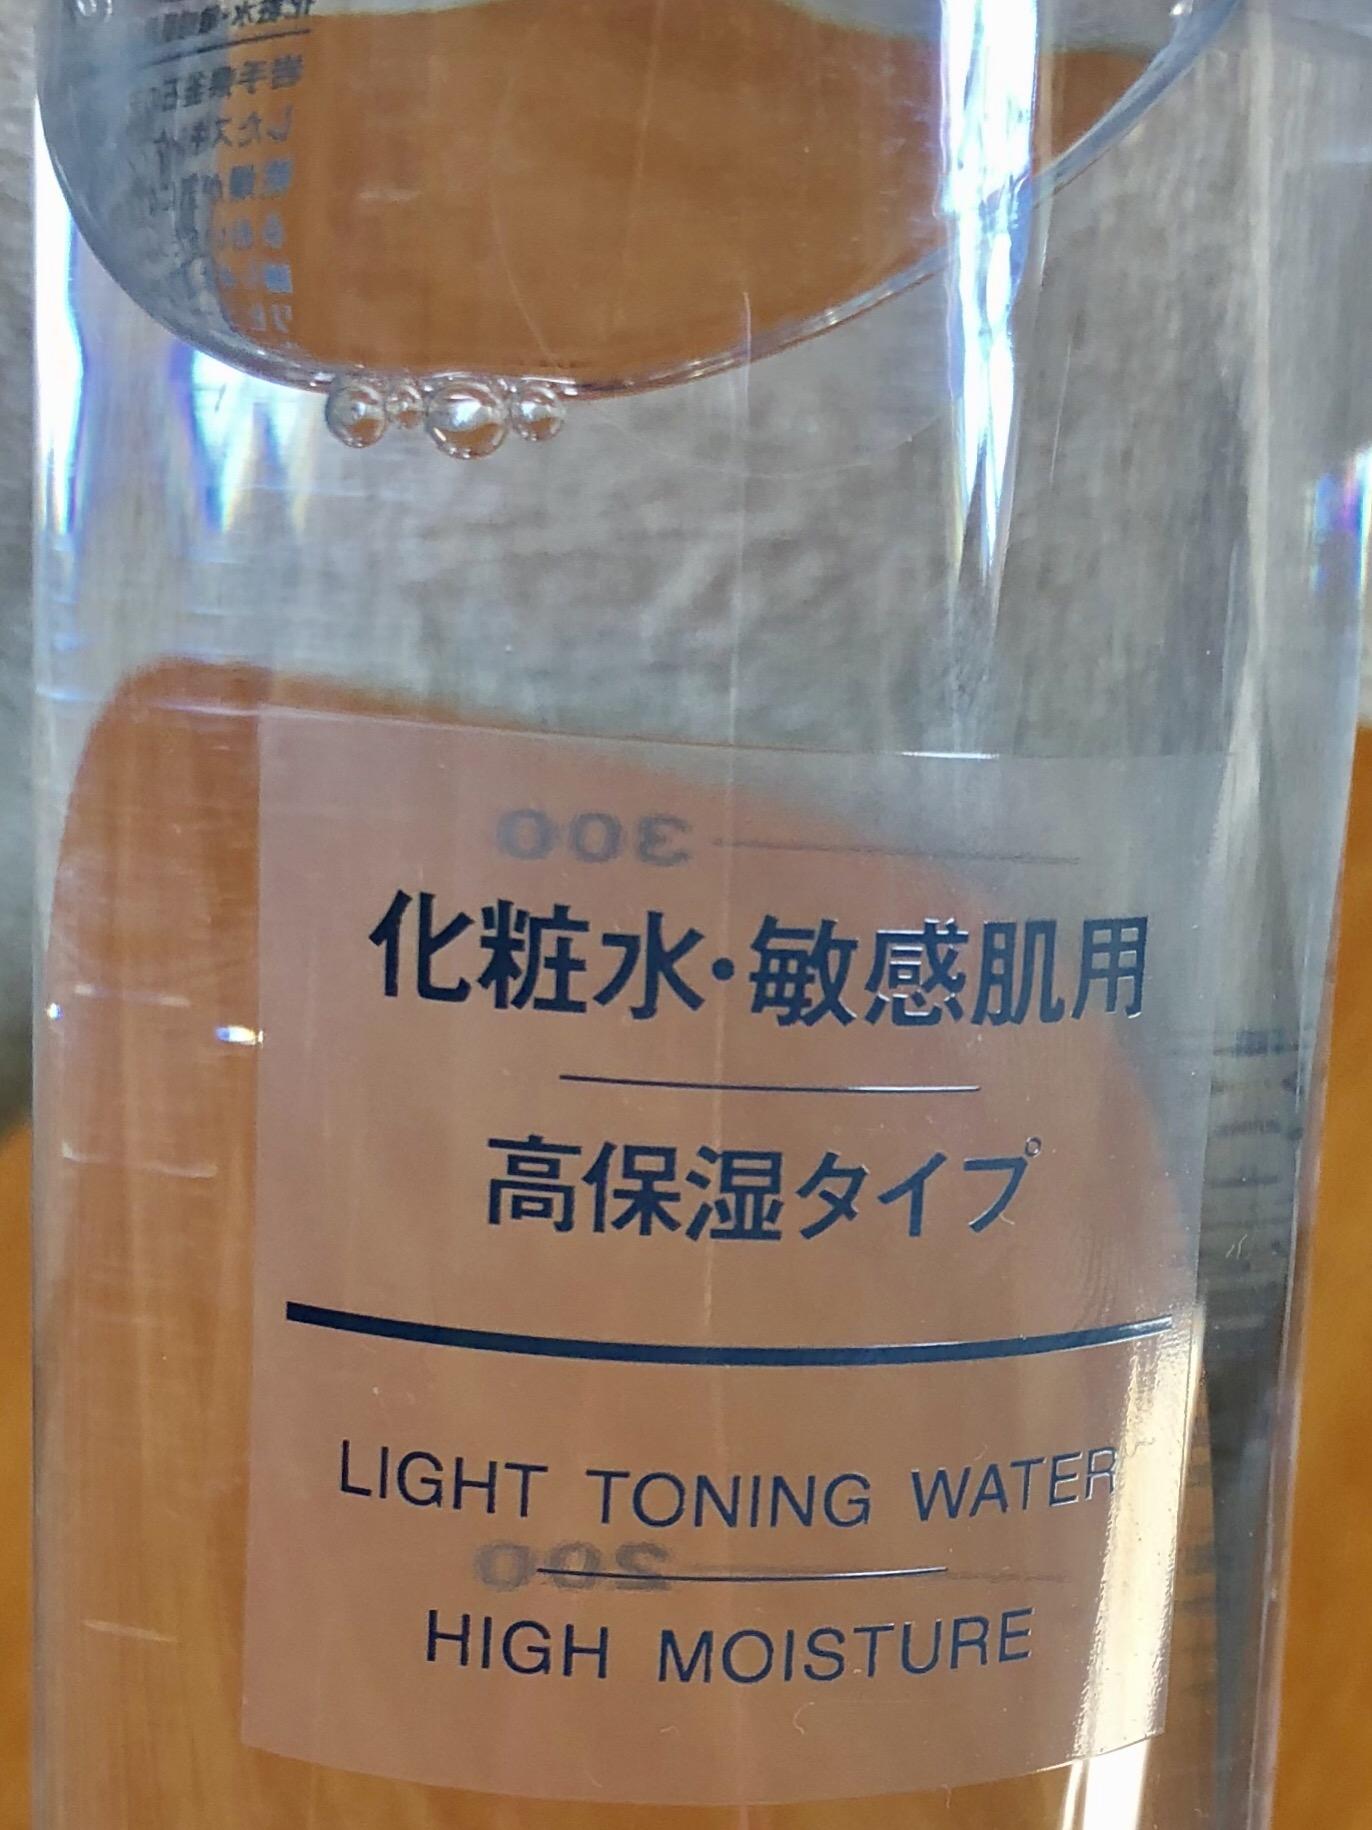 無印良品の化粧水〜敏感肌用・高保湿タイプ〜の保湿力は頼りになる